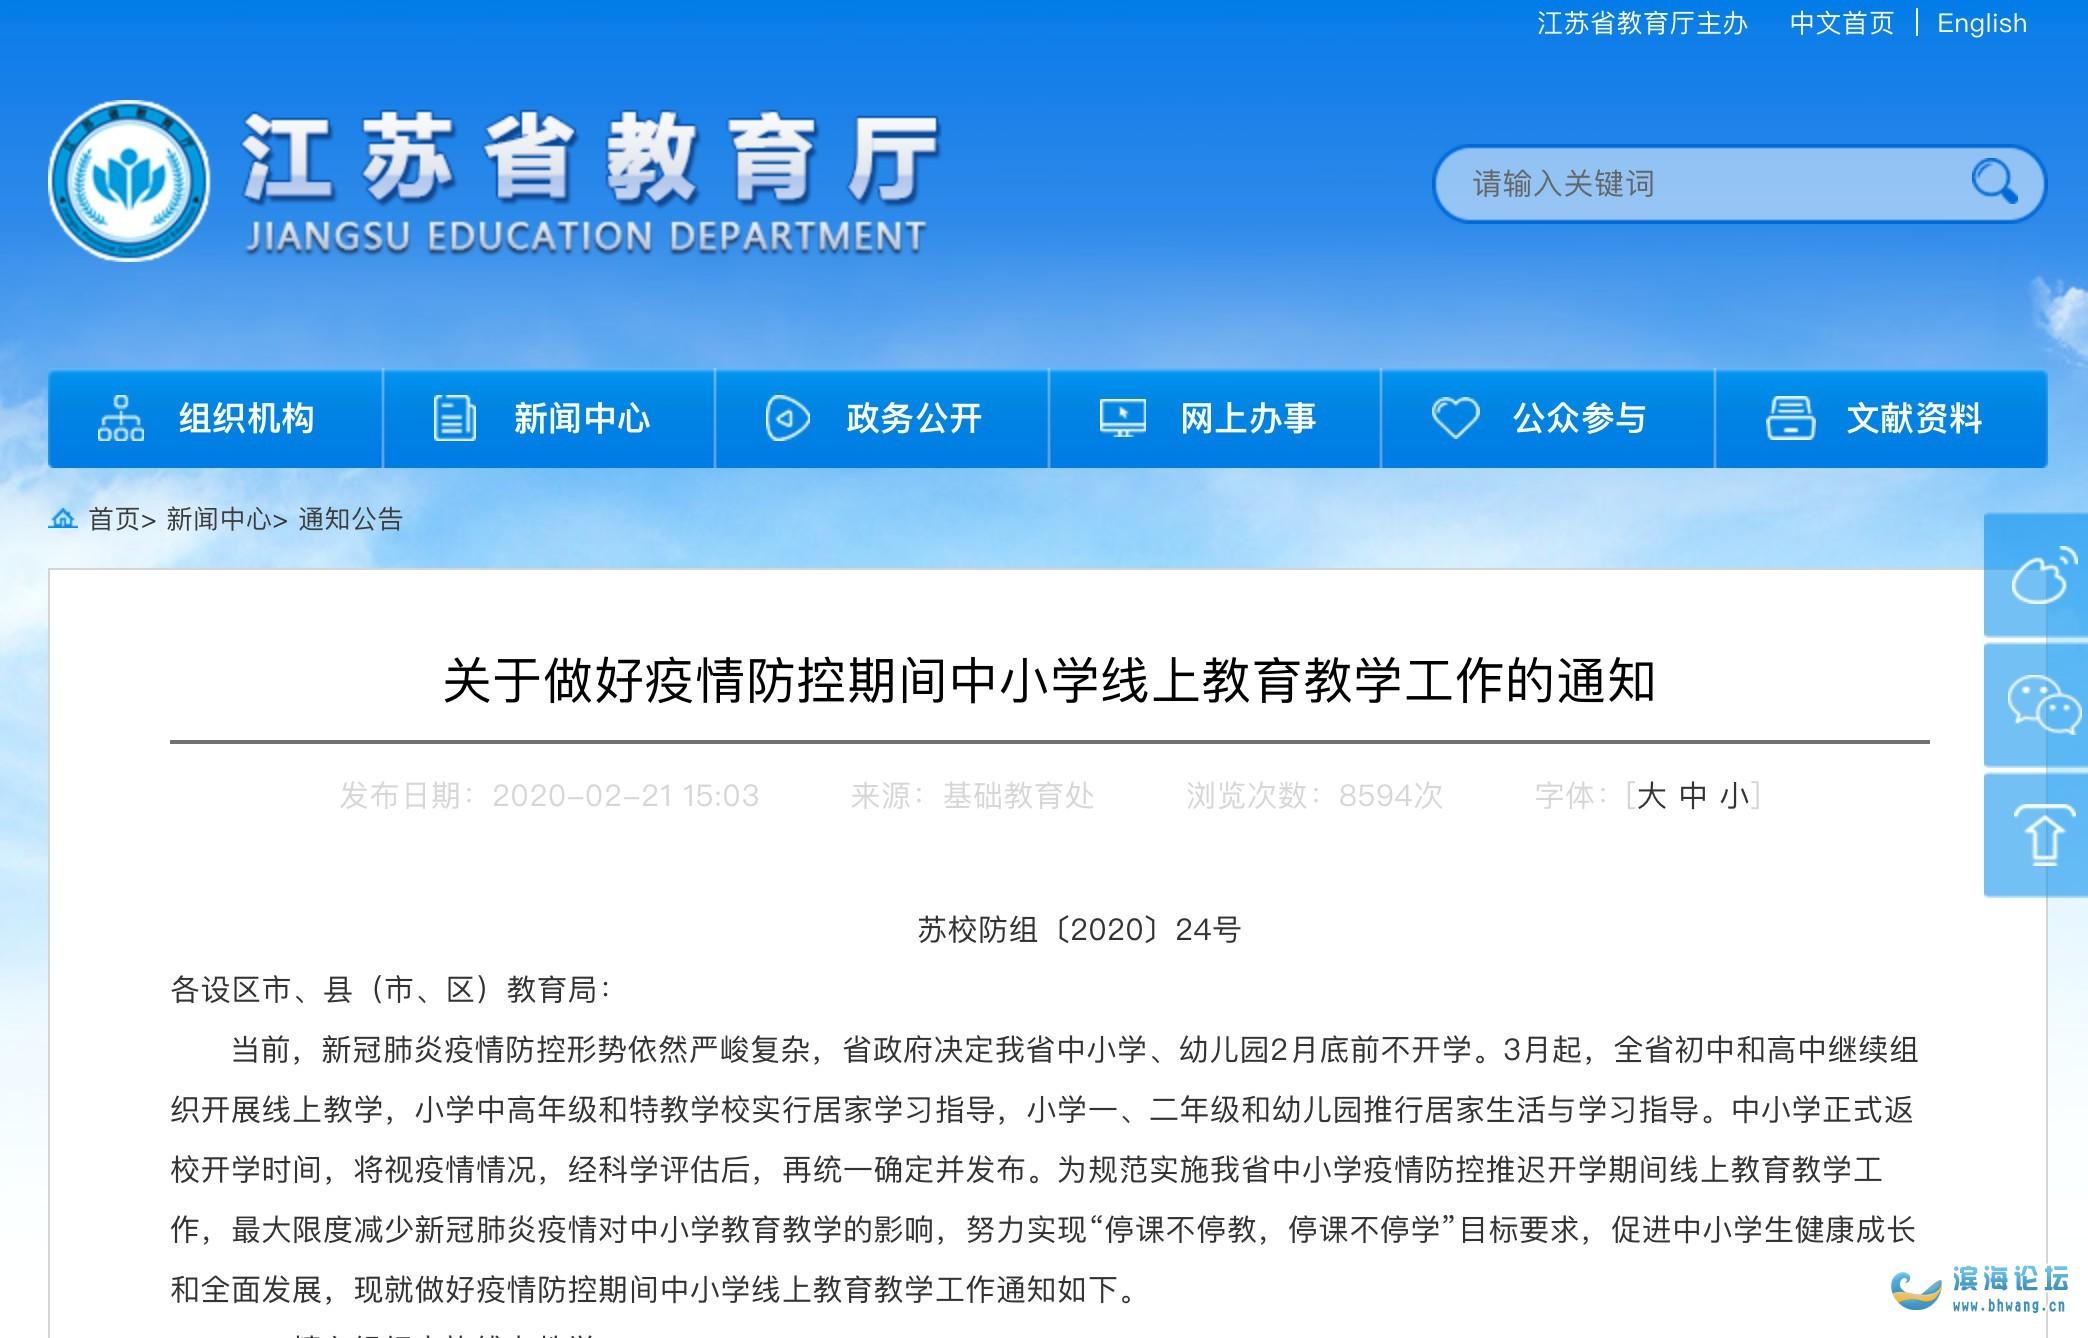 3月起,江蘇省初、高中繼續開展線上教學!